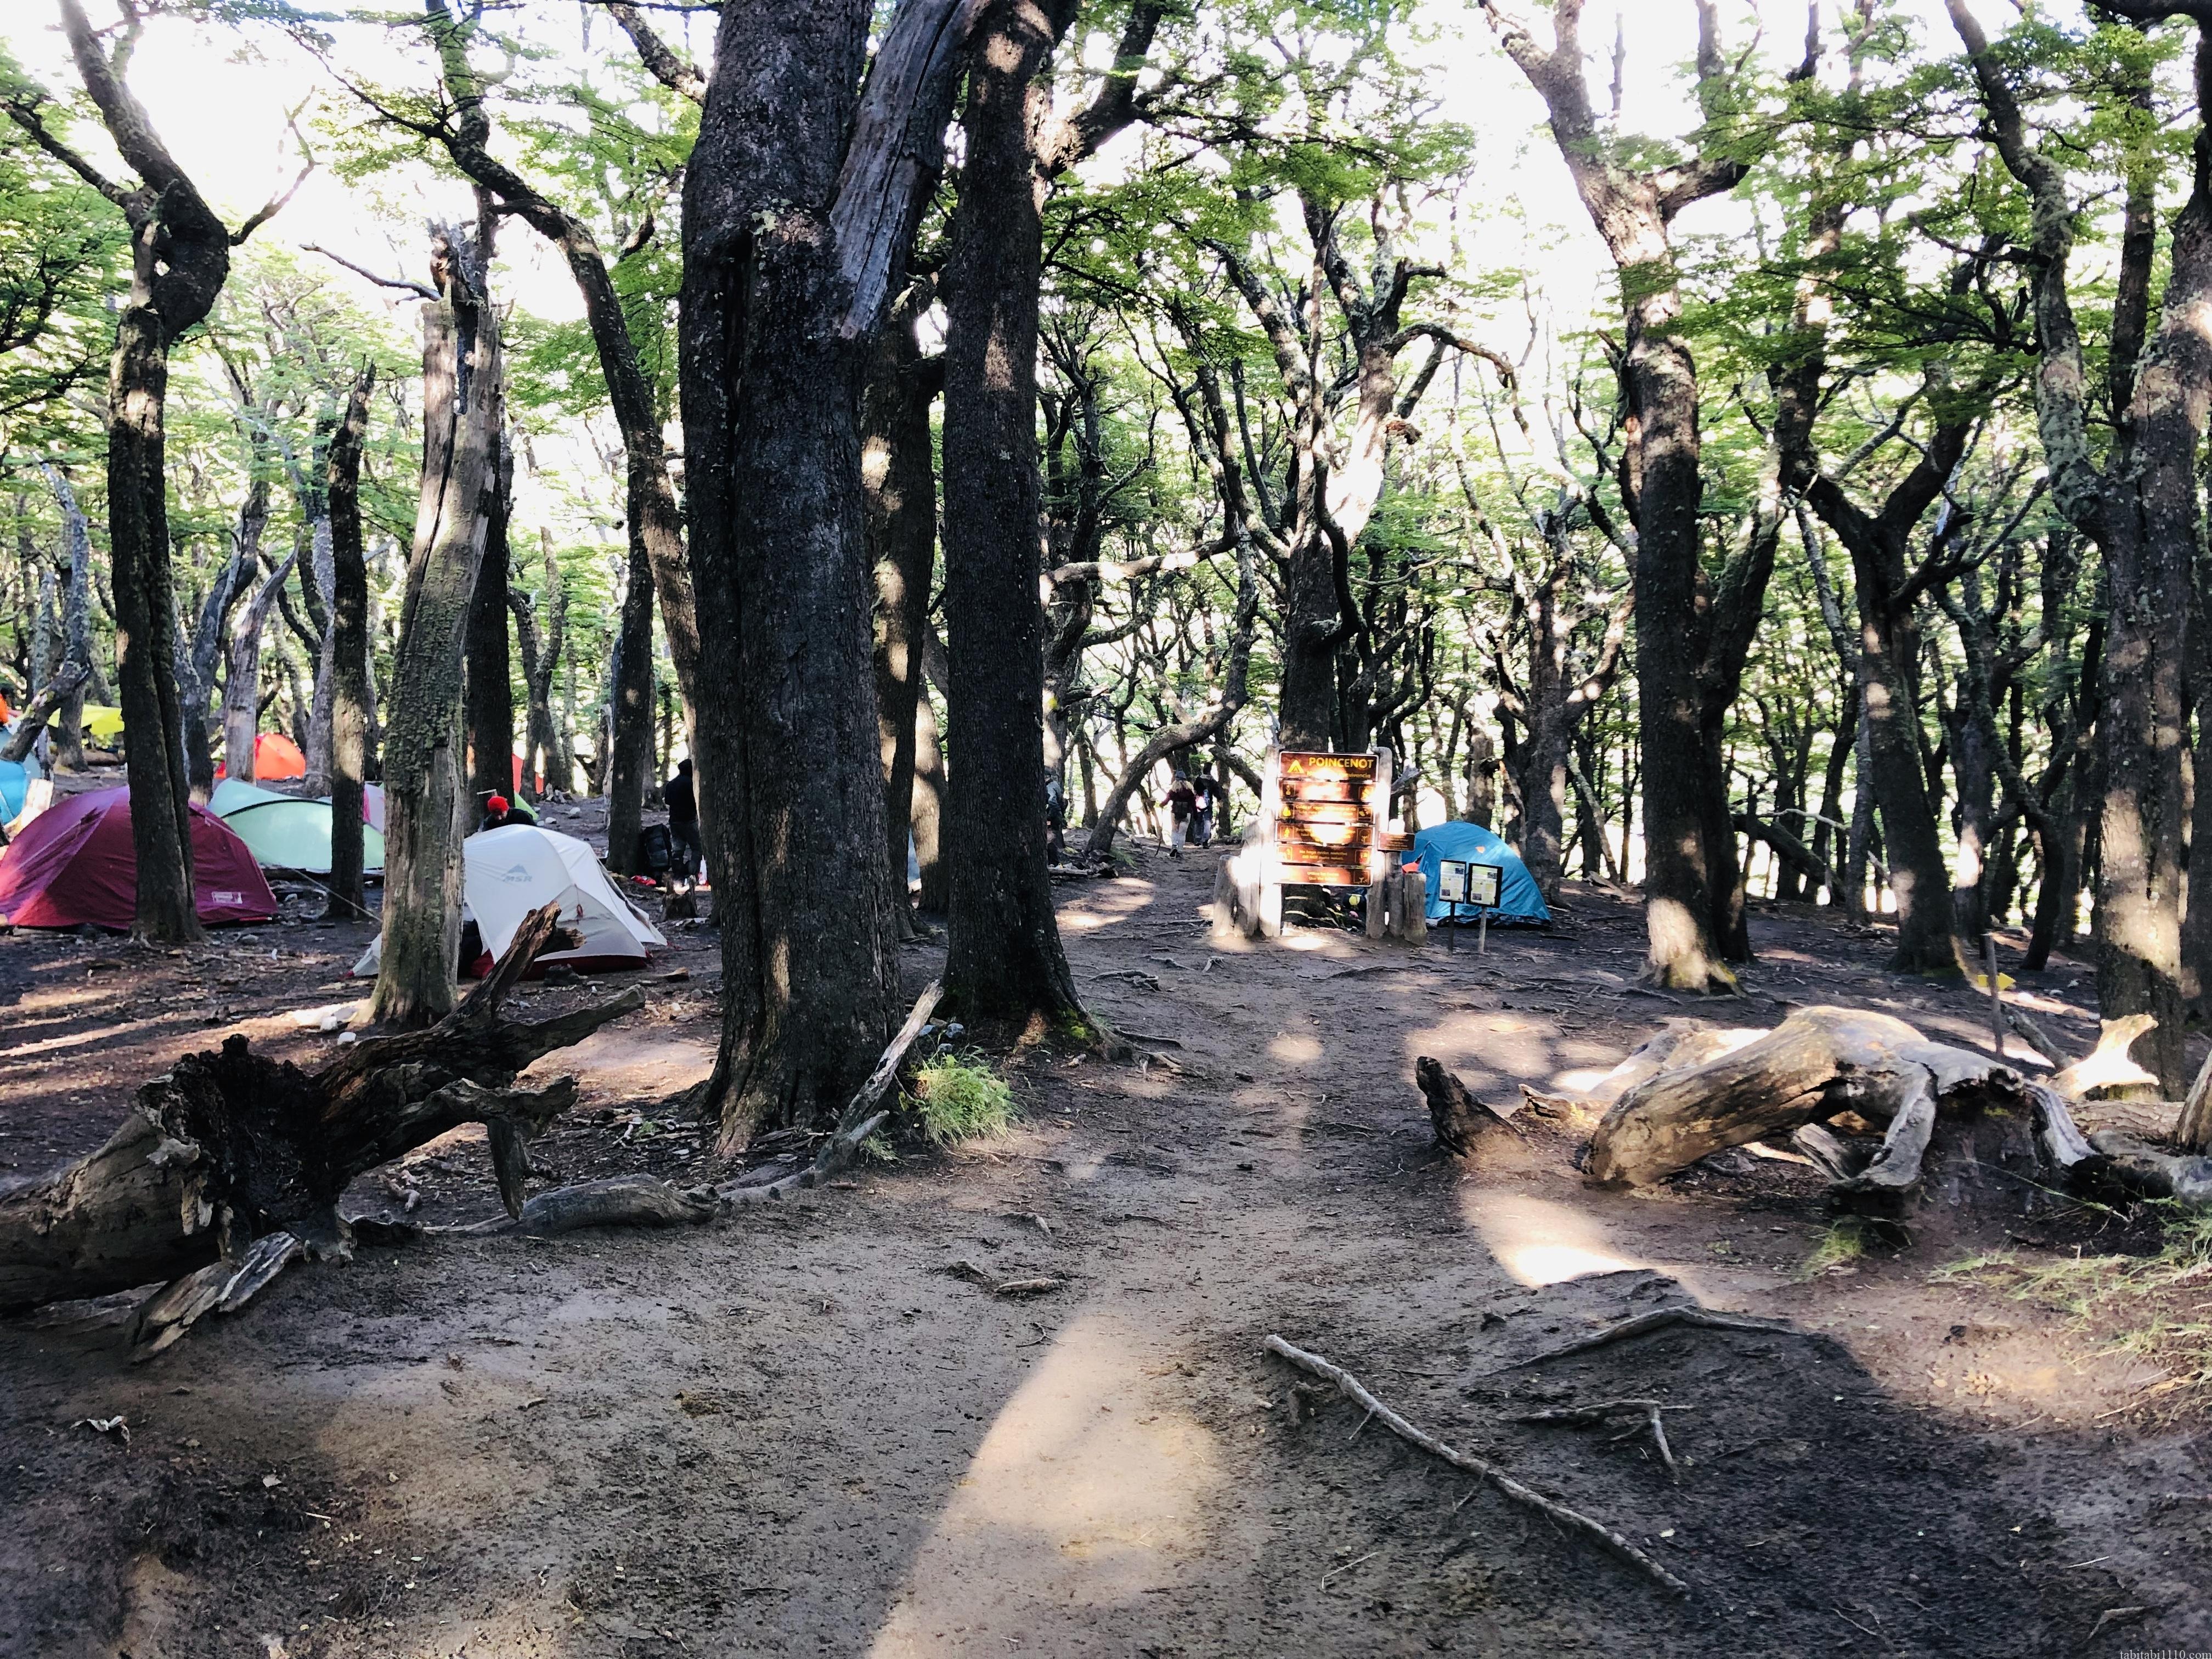 フィッツロイトレッキングのキャンプ場